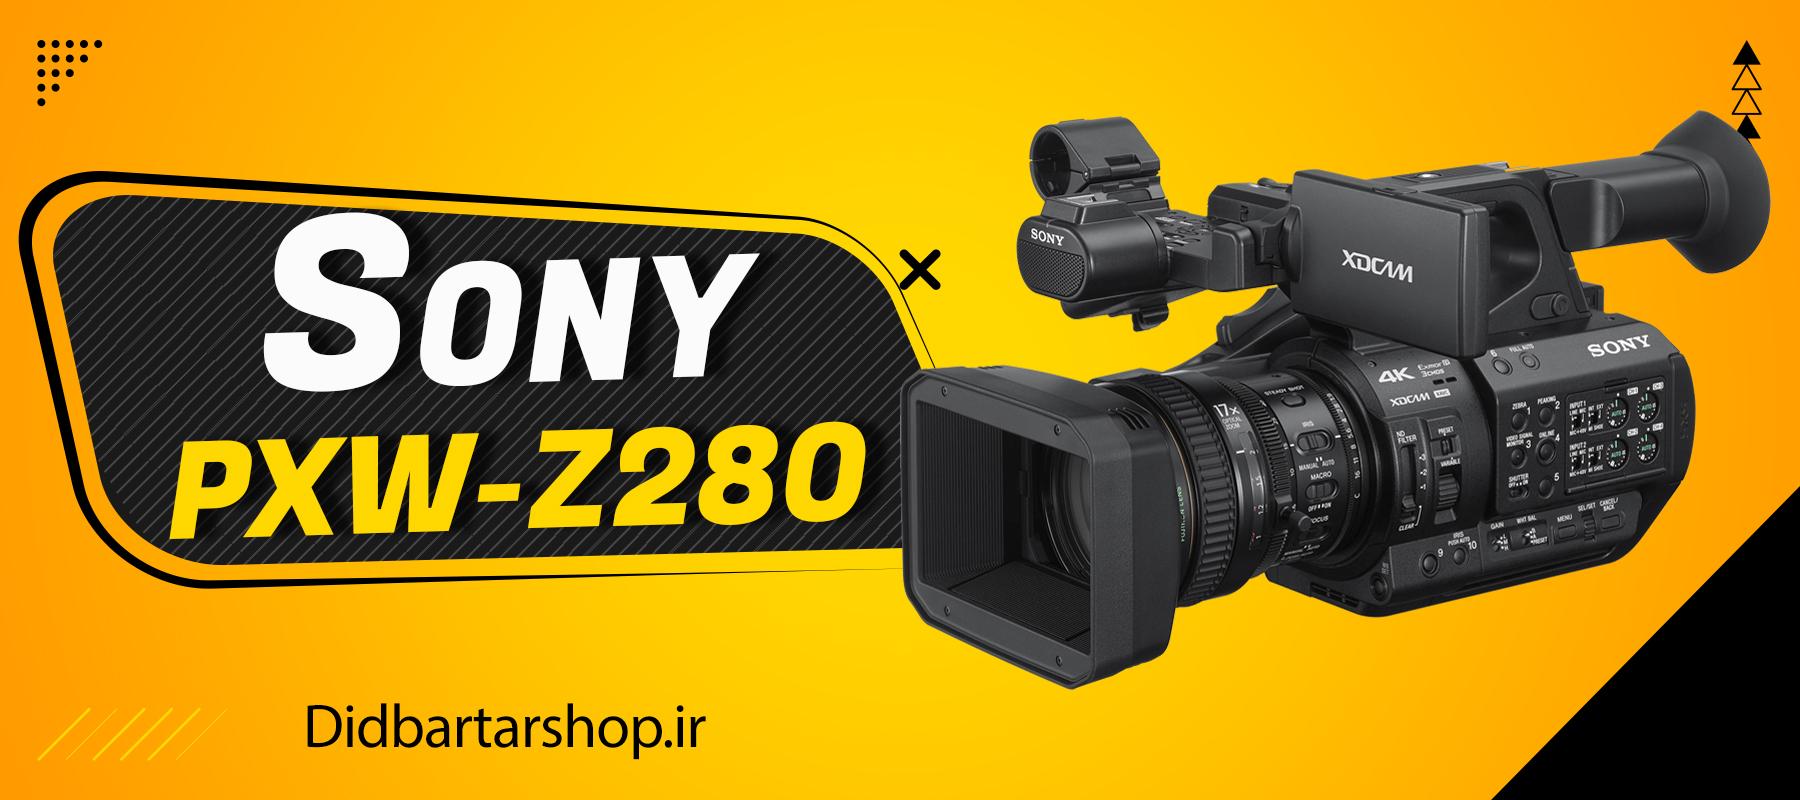 دوربین فیلمبرداری سونی Sony PXW-Z280 4K